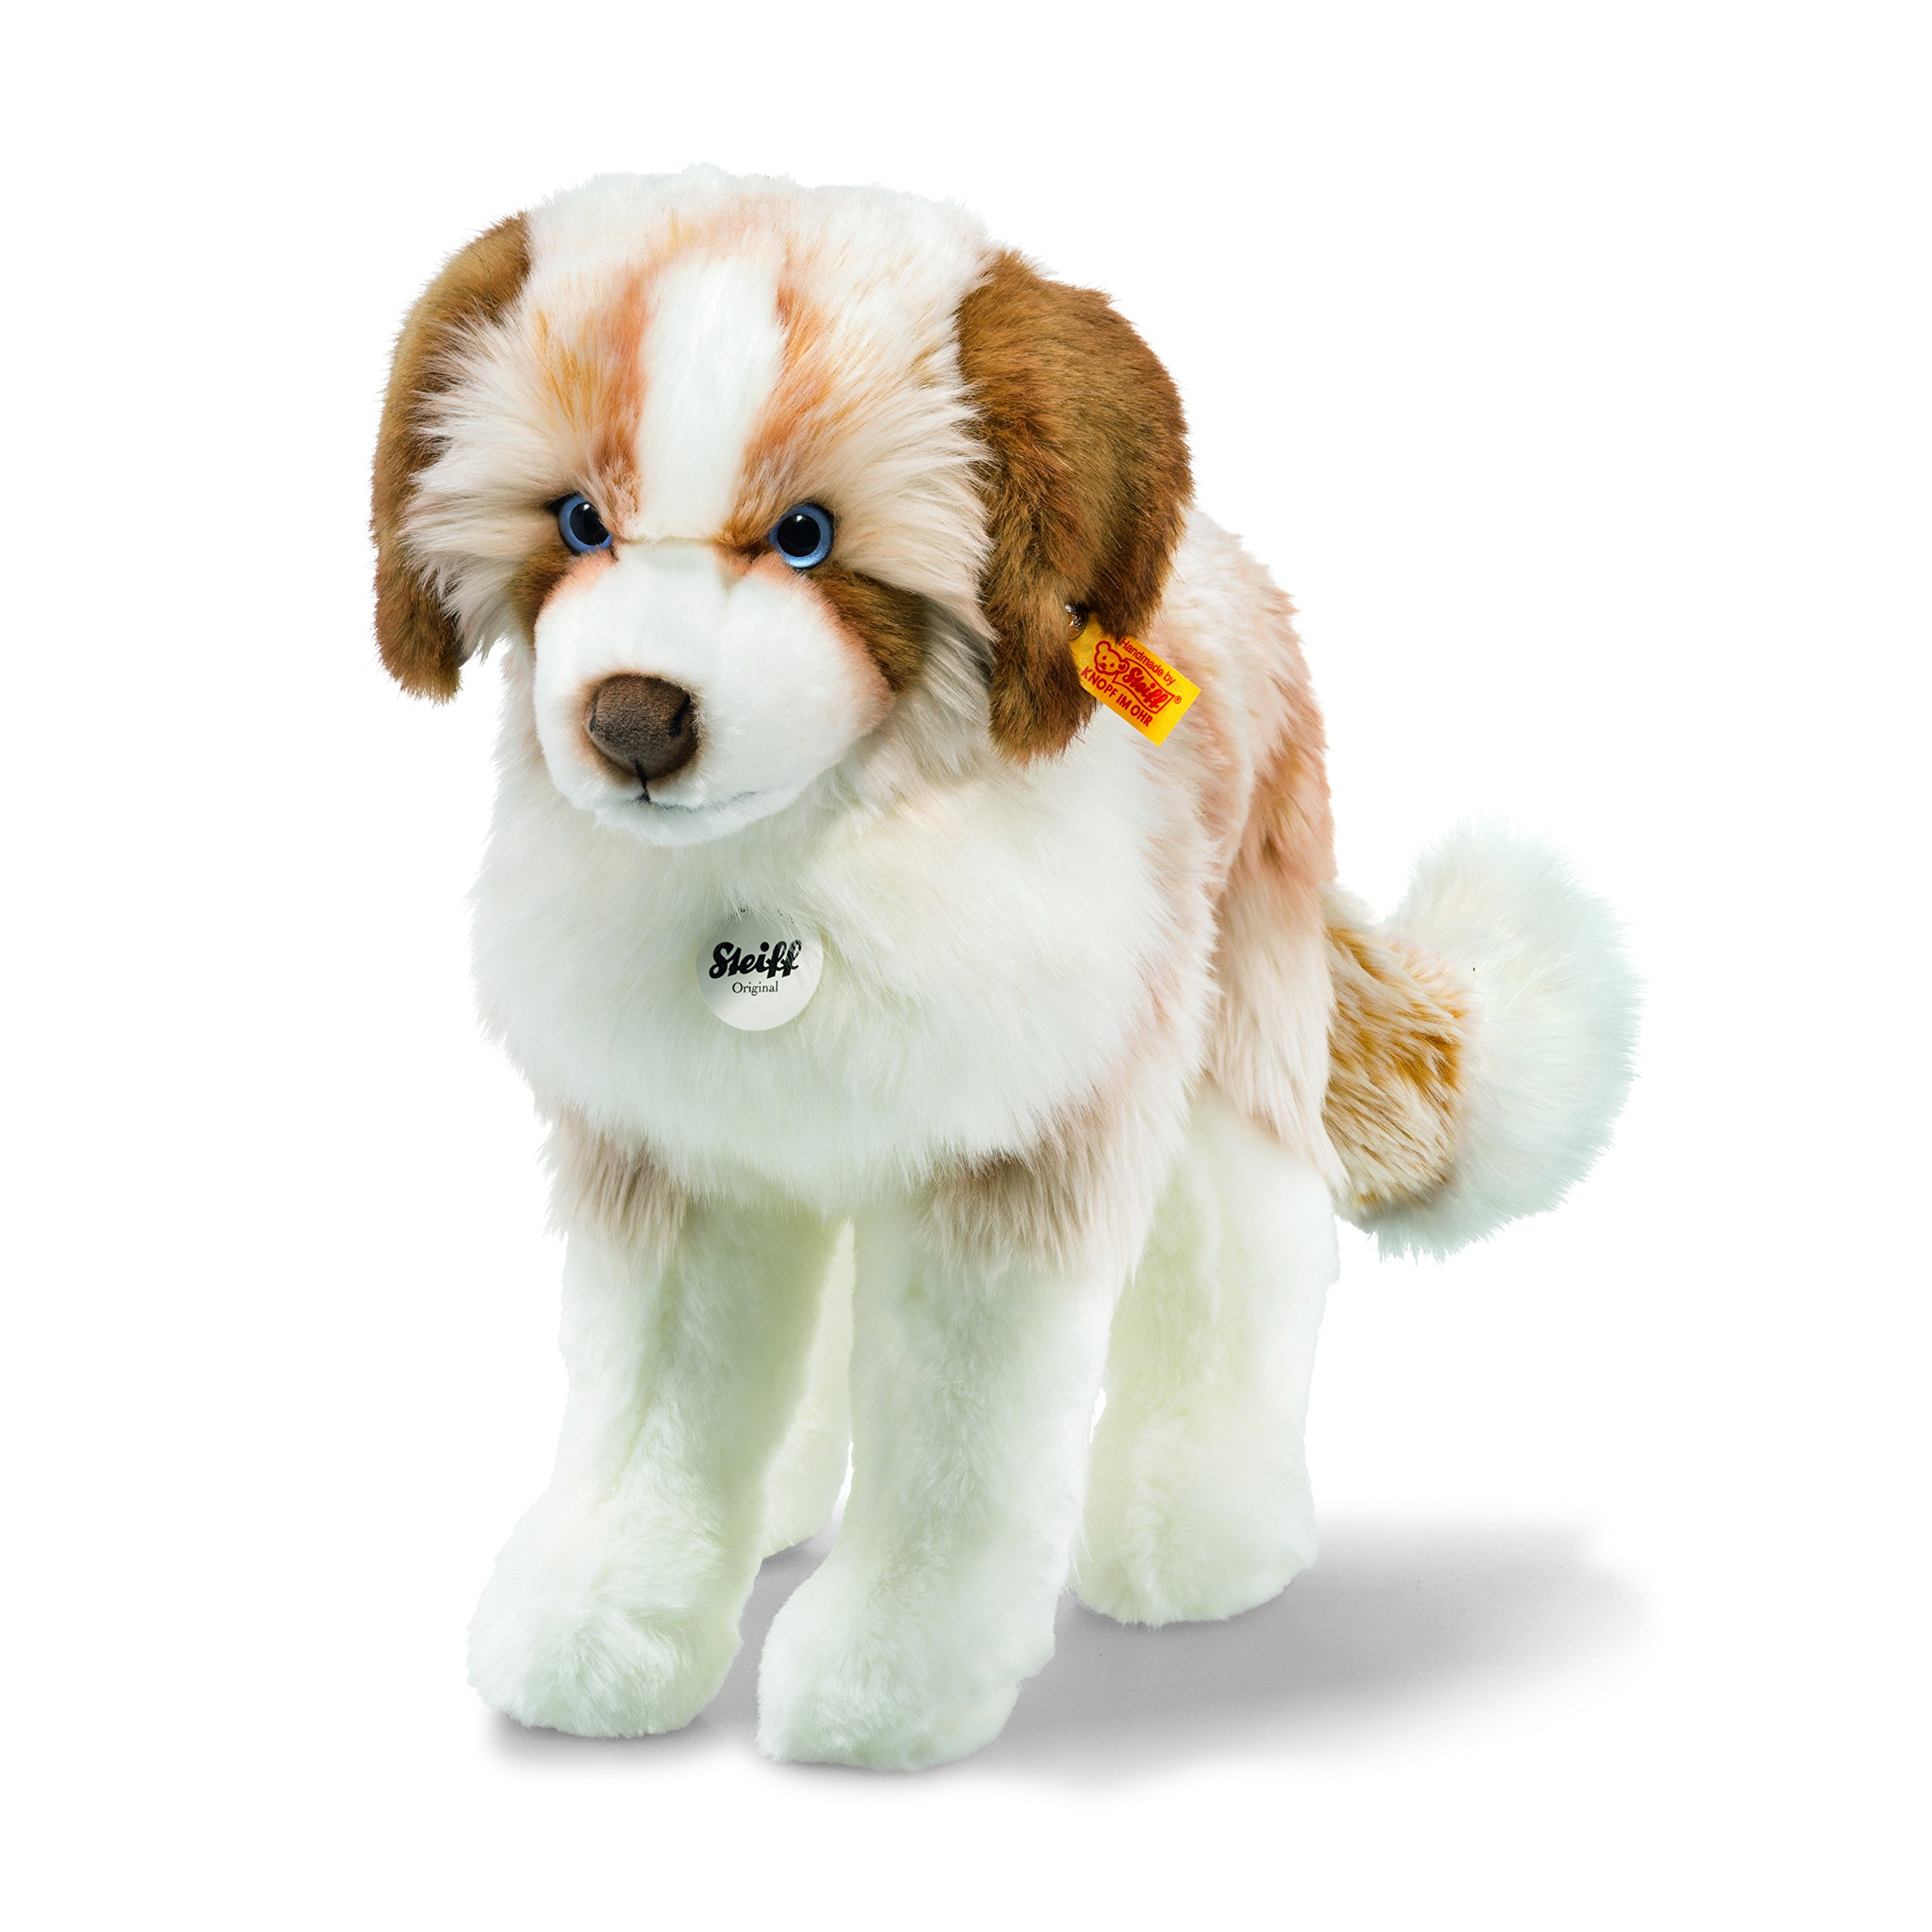 Steiff Cookie Dog Toy, Brown/White by Steiff